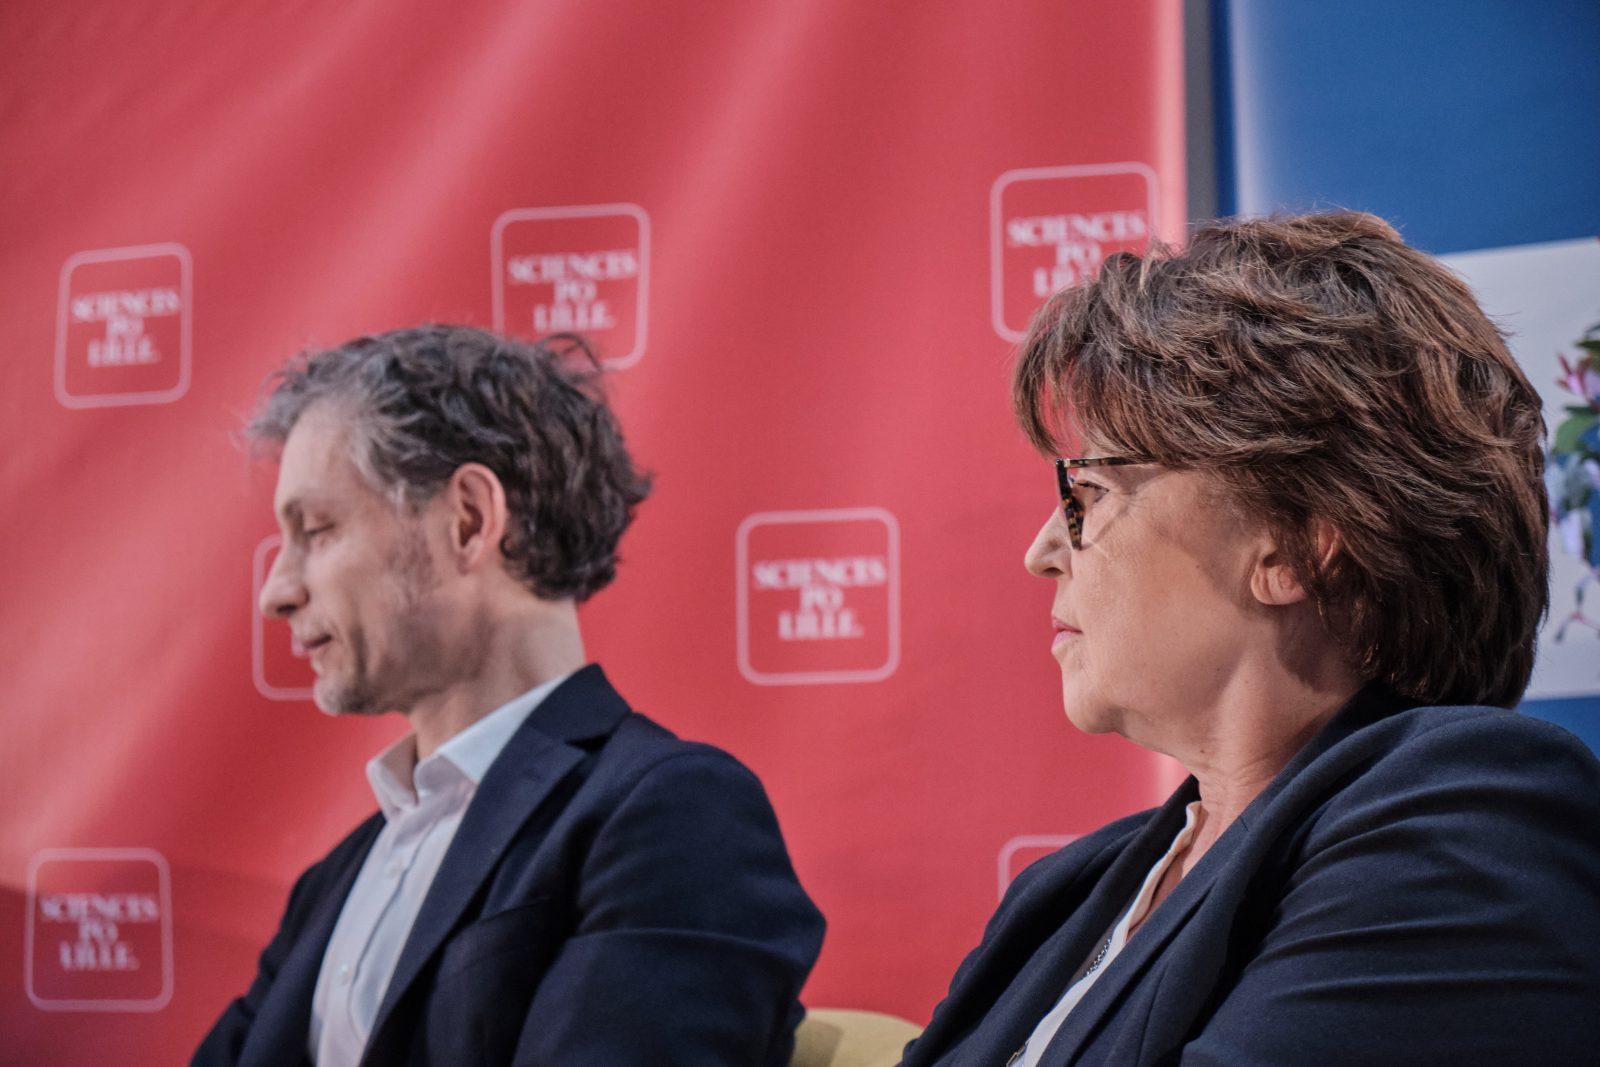 Débat des municipales 2020 à Lille, Martine Aubry et Stéphane Baly - 25/02/2020